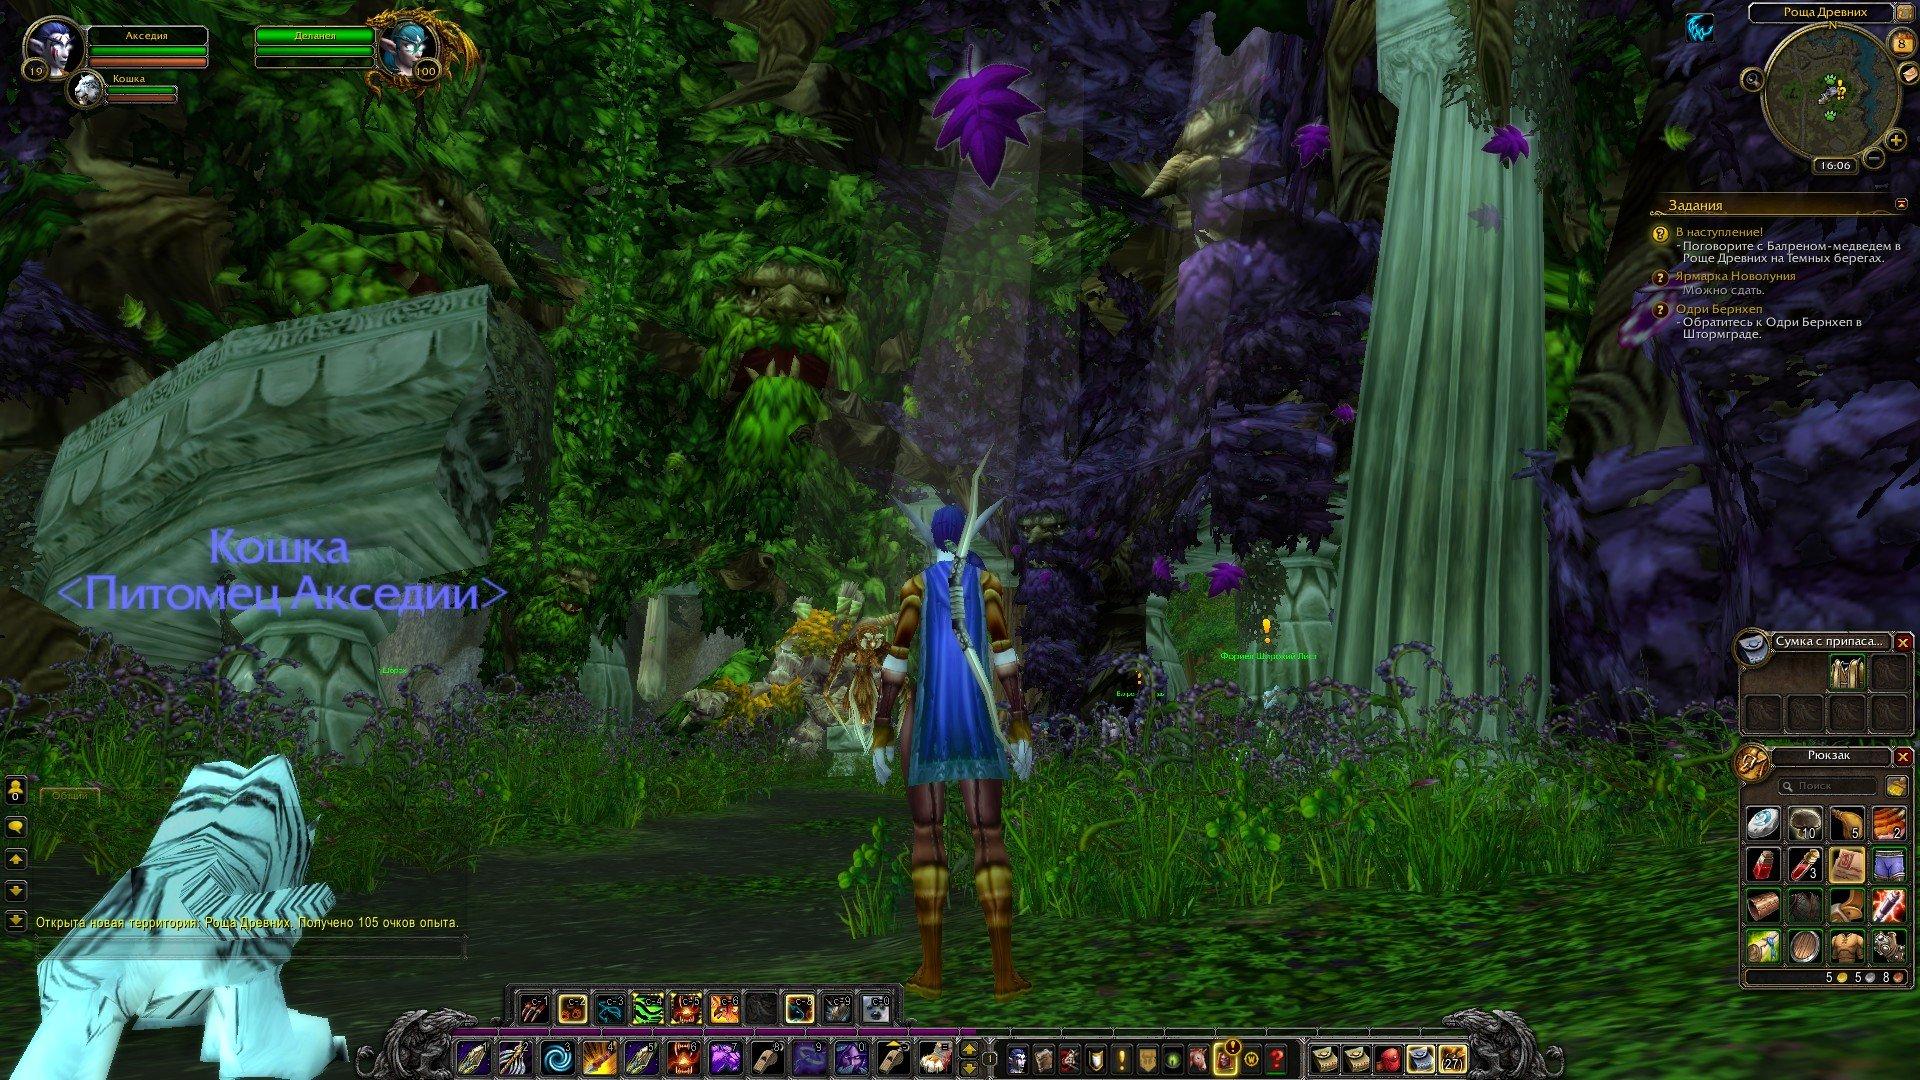 Путешествие по World of Warcraft ... Ночной Эльф. Глава 2. - Изображение 20